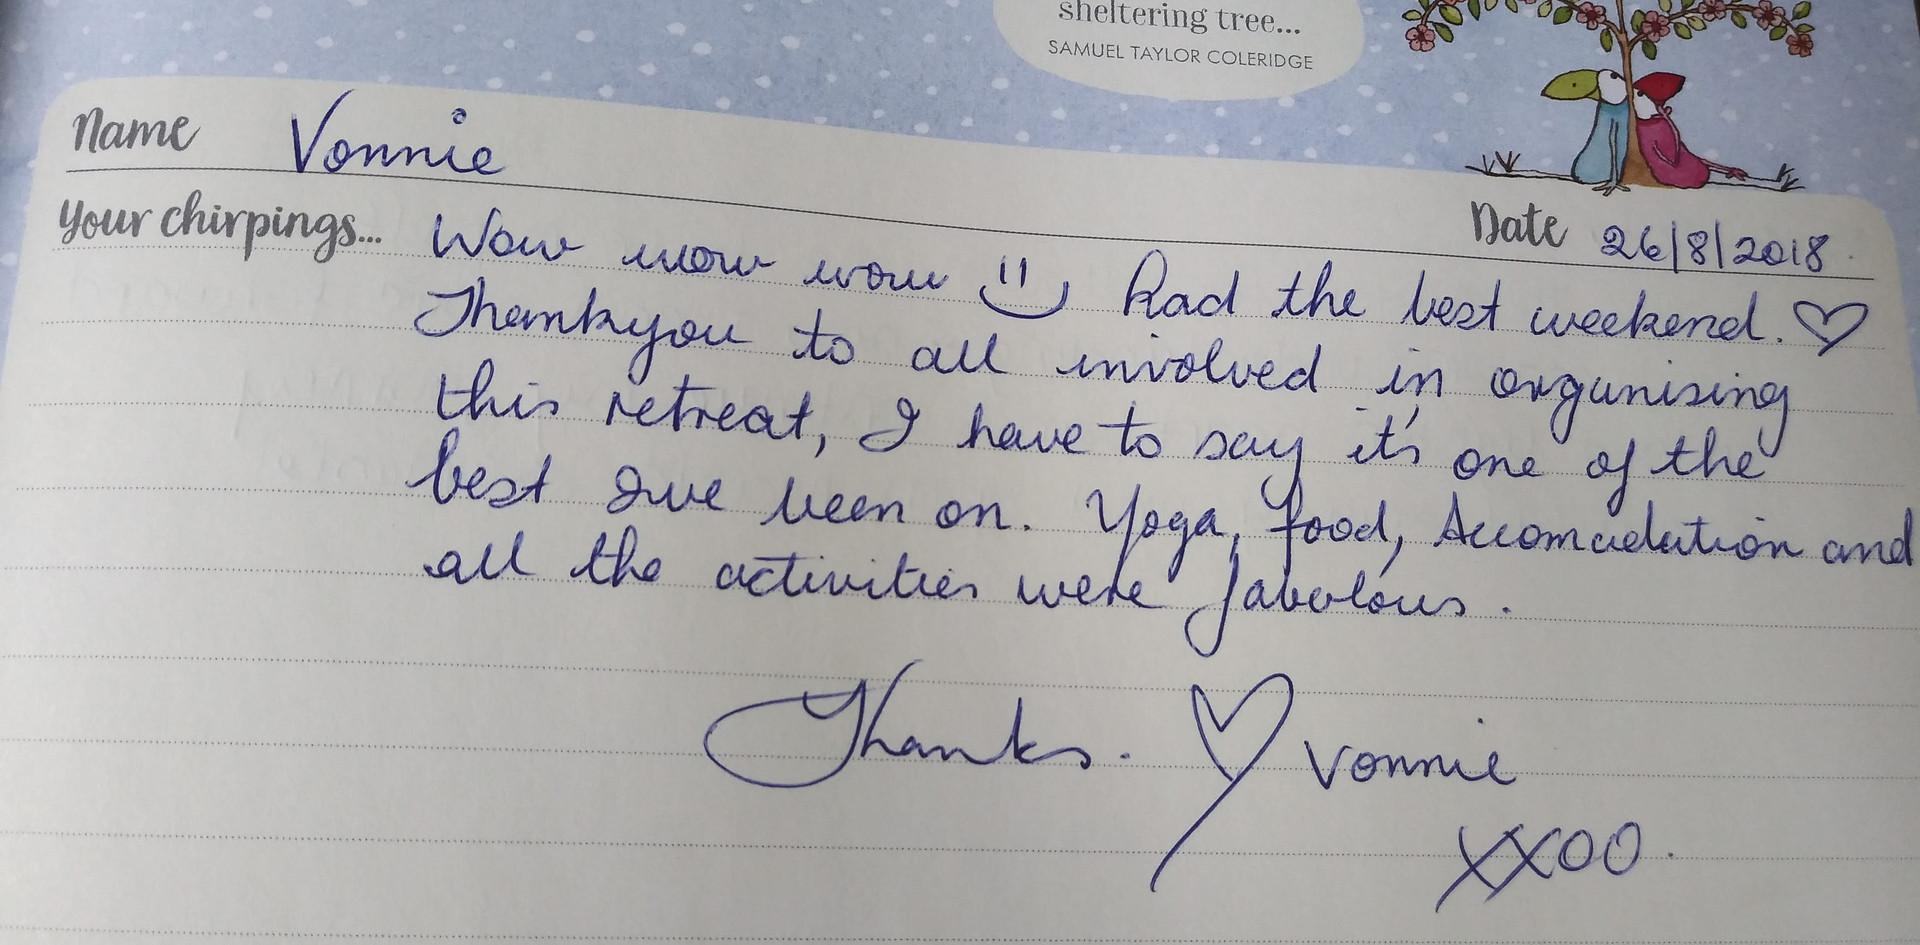 From Vonnie